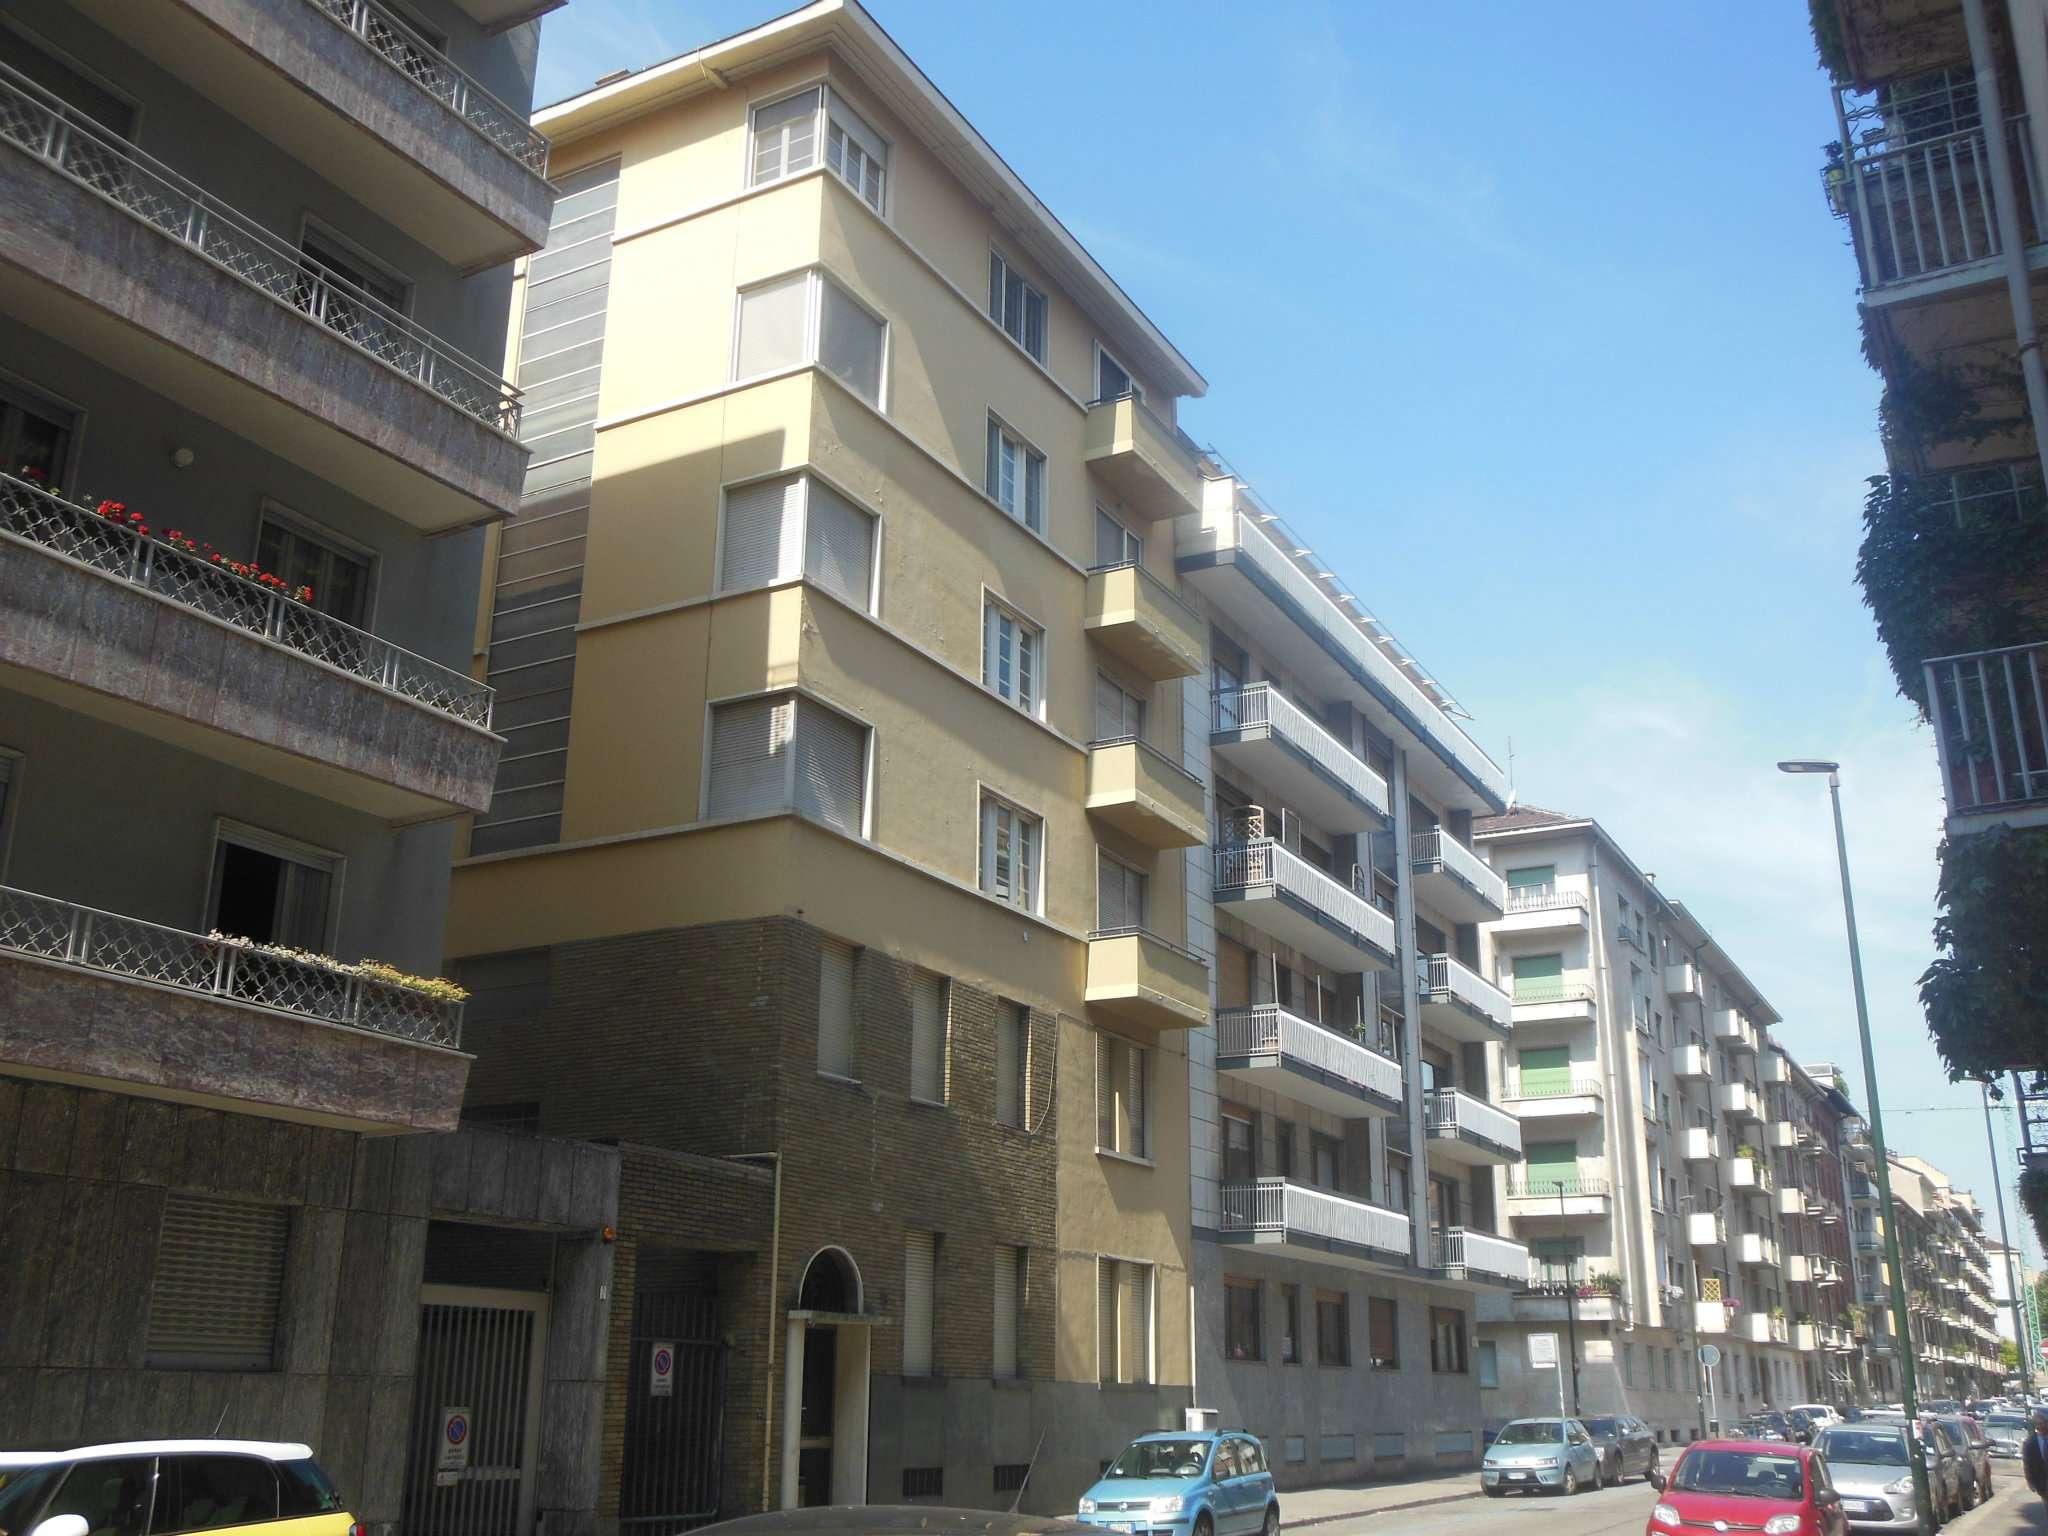 Attico / Mansarda in vendita a Torino, 6 locali, zona Zona: 2 . San Secondo, Crocetta, prezzo € 450.000 | CambioCasa.it